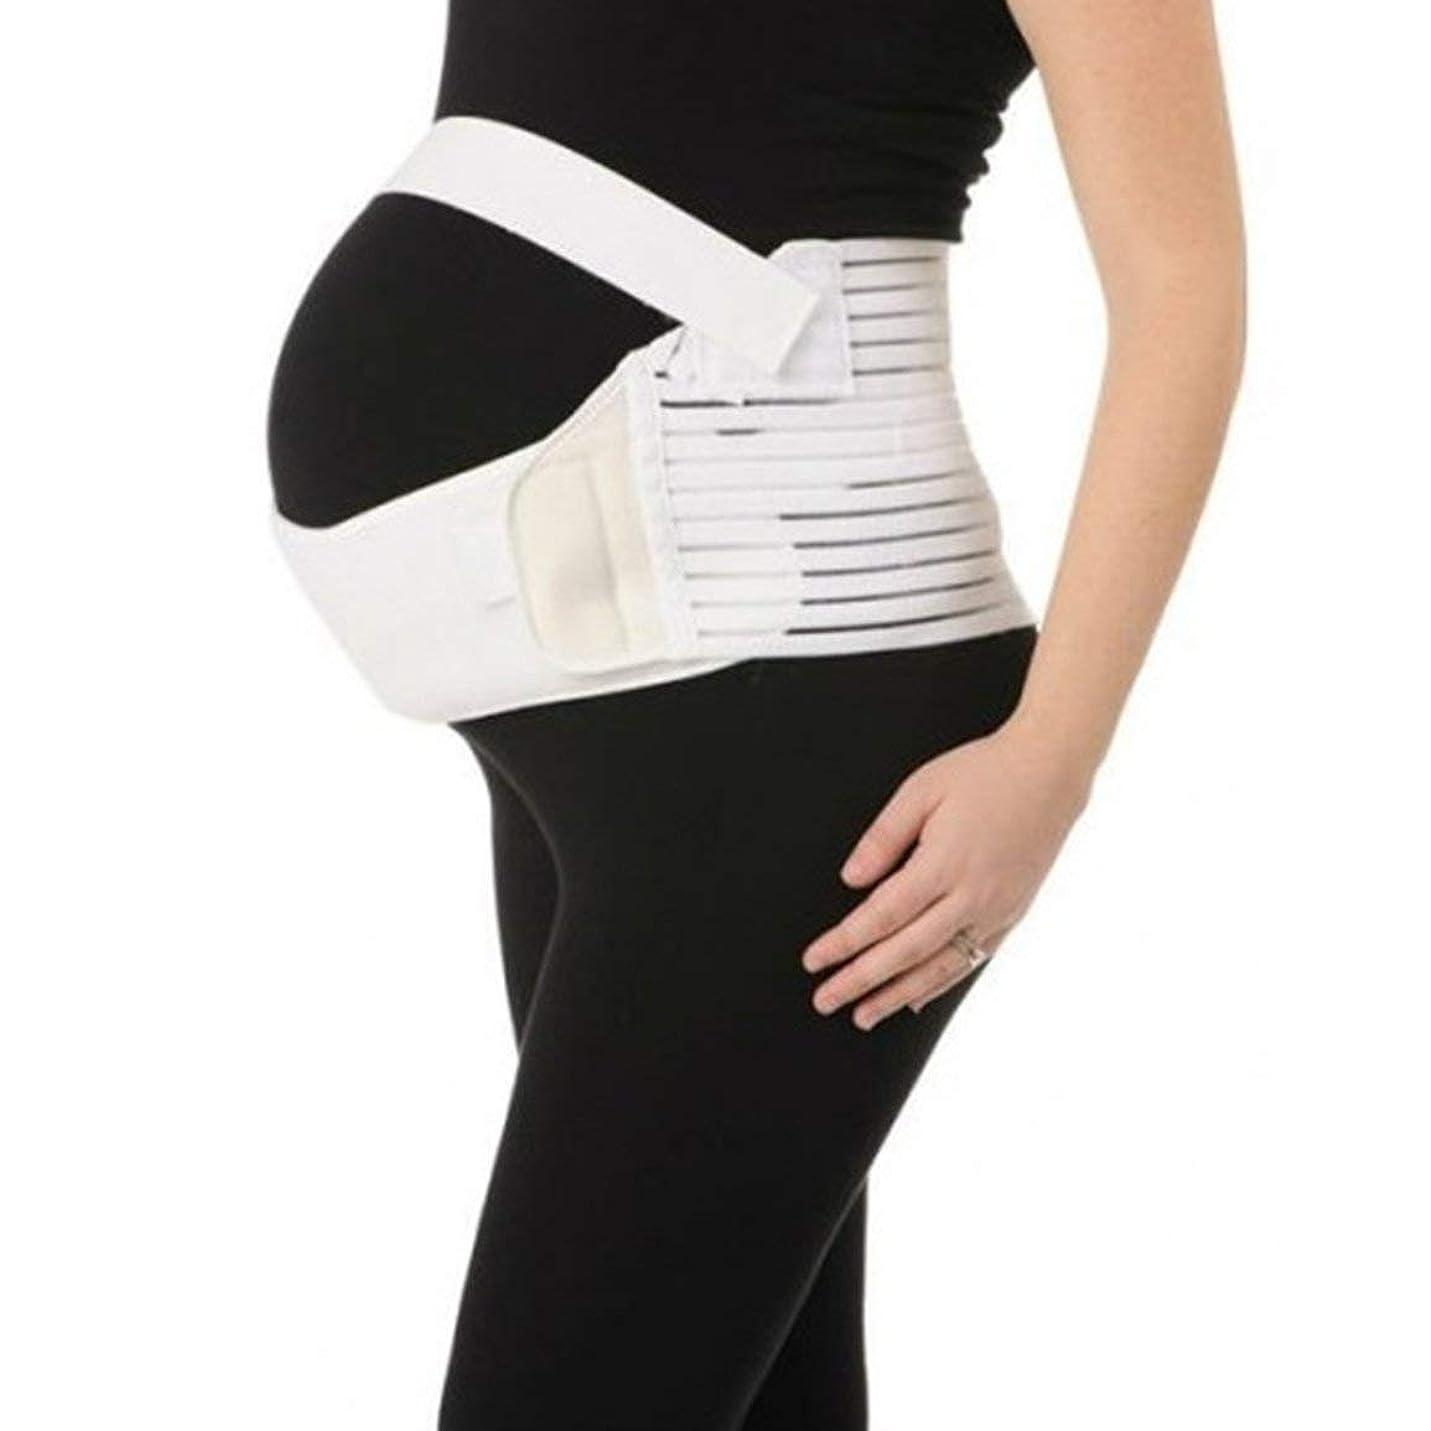 さびたヘルパー津波通気性マタニティベルト妊娠腹部サポート腹部バインダーガードル運動包帯産後の回復shapewear - ホワイトL